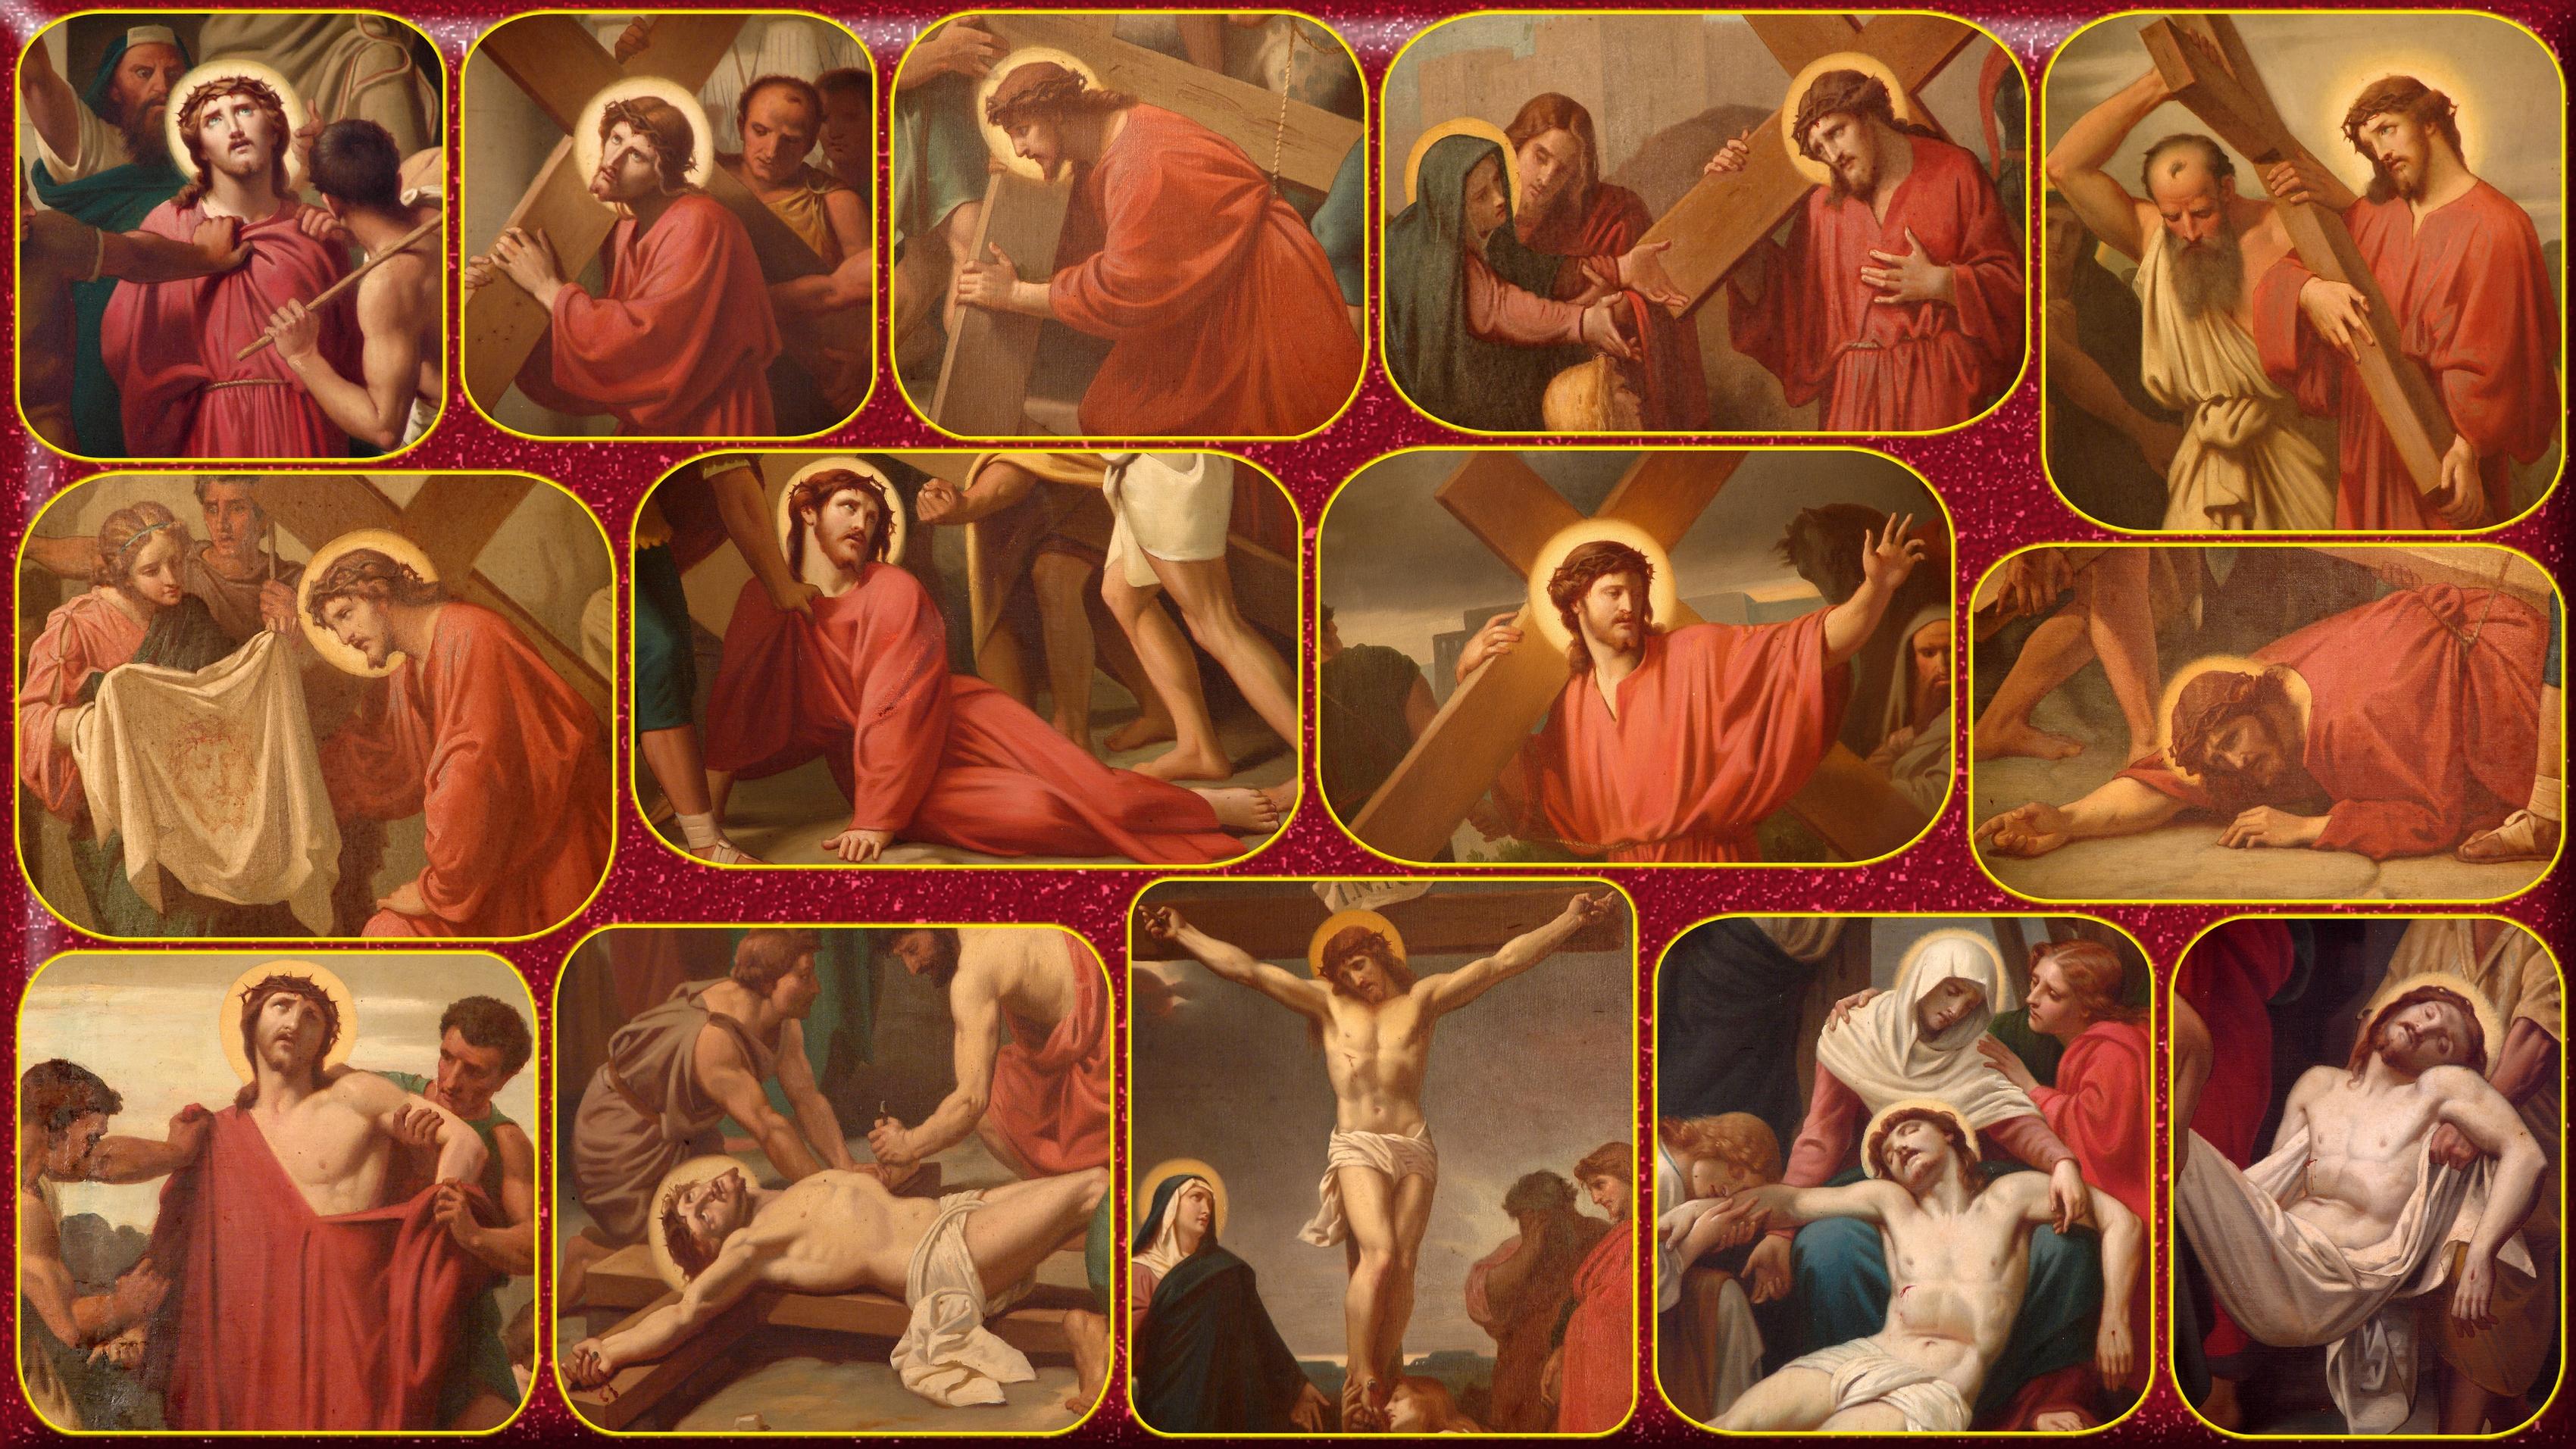 Le Rosaire en Images - Page 3 Le-chemin-de-la-croix-56004a2